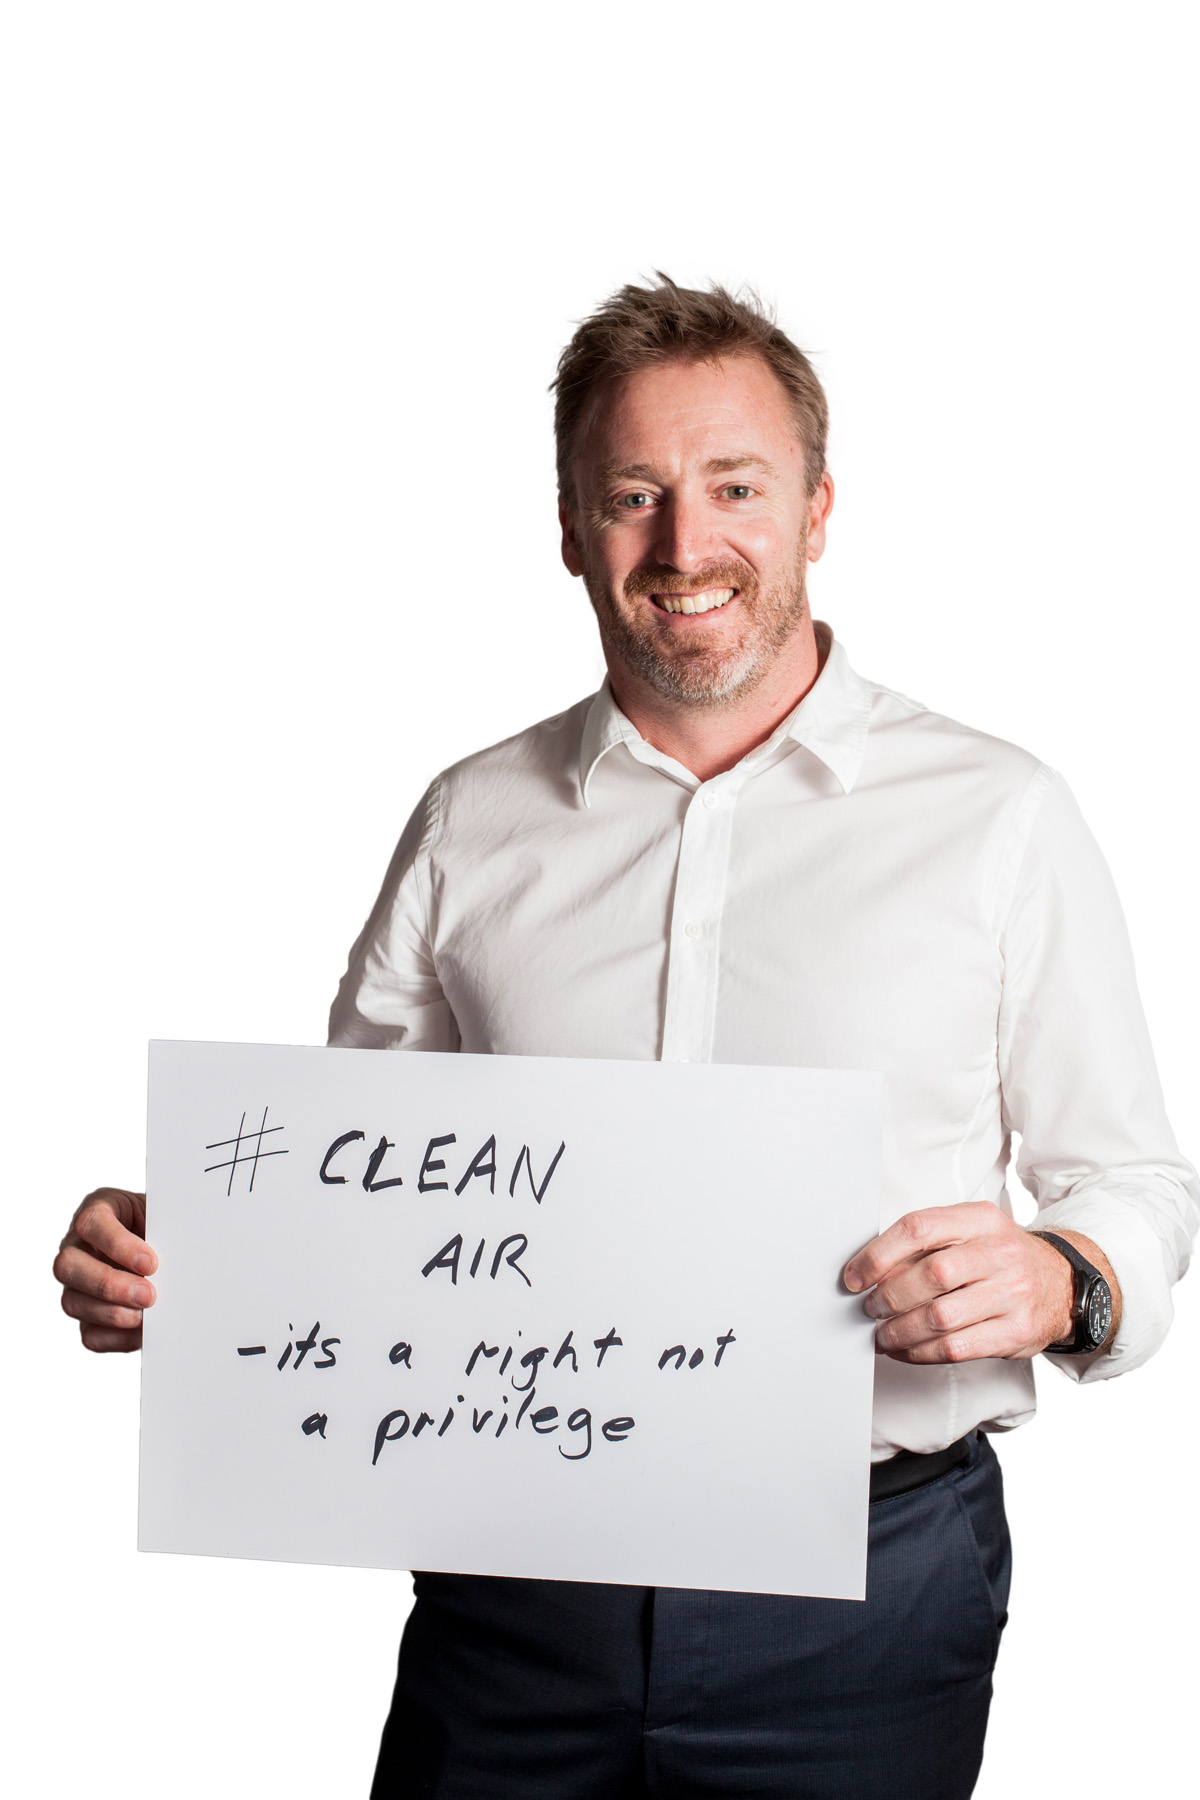 clean_air_right_not_a_privilege.jpg